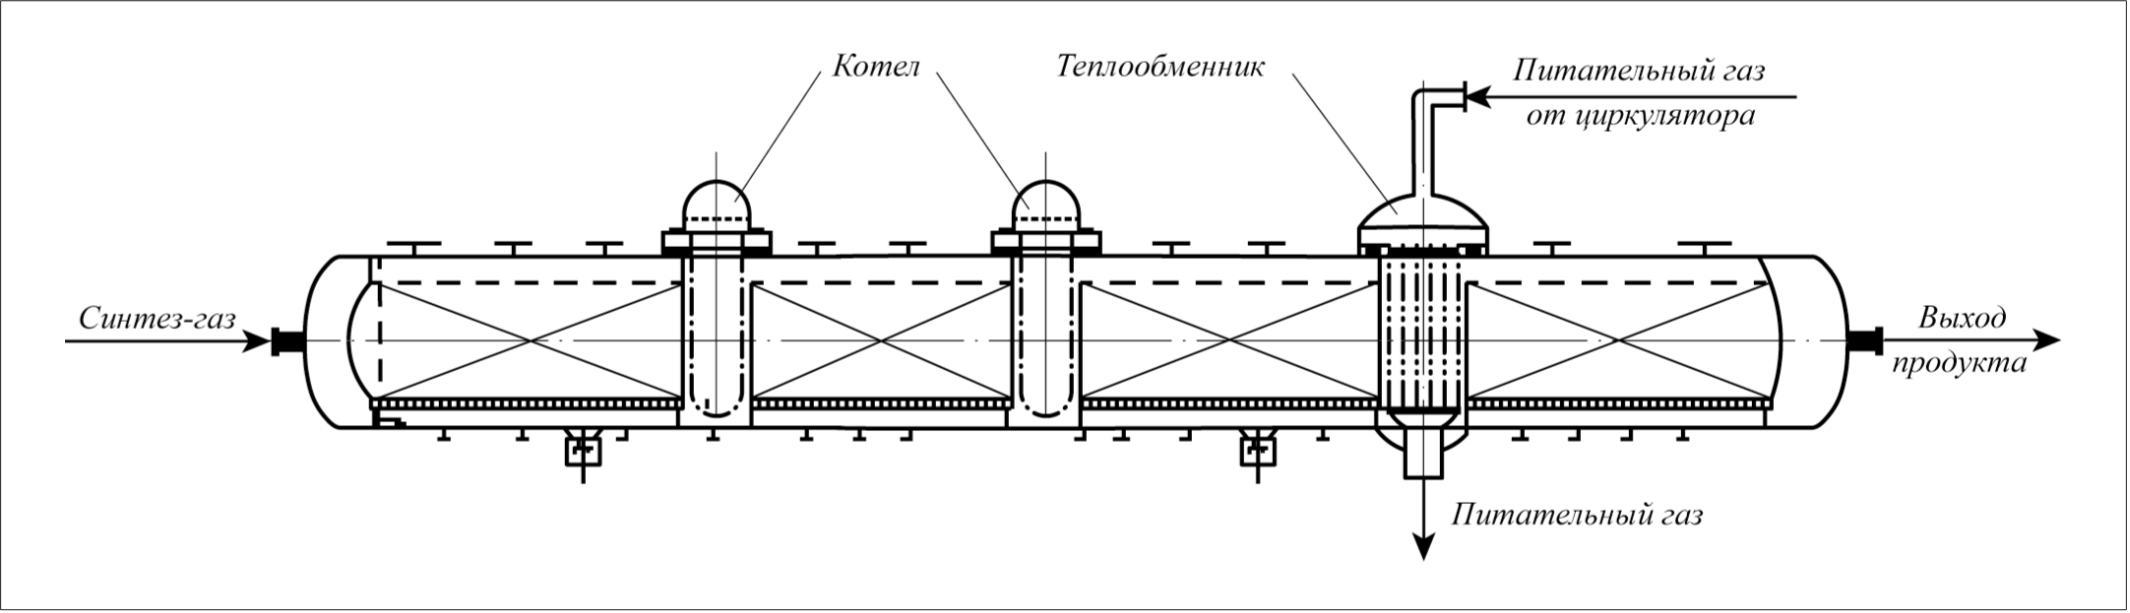 Теплообменник газа рекуперативный Кожухотрубный испаритель Alfa Laval DXD 770 Чайковский